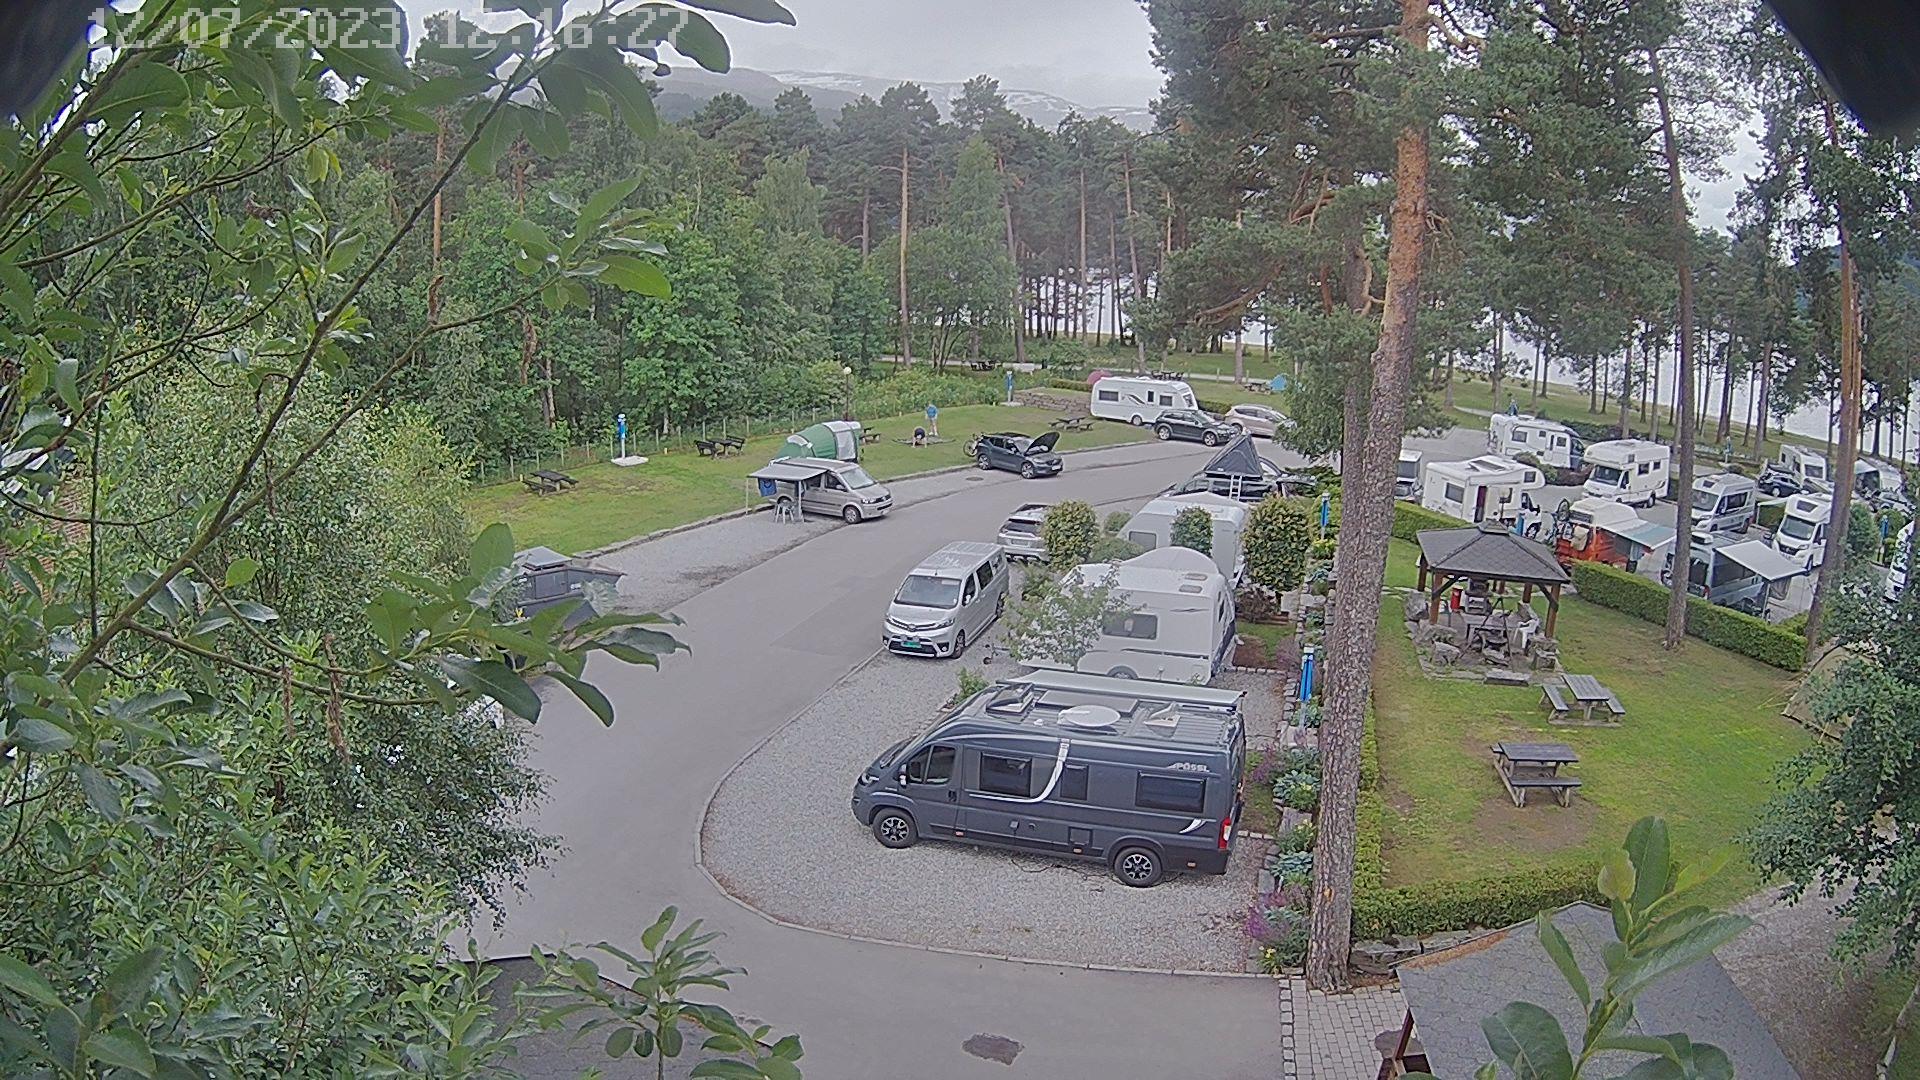 Voss - Voss Camping (01)